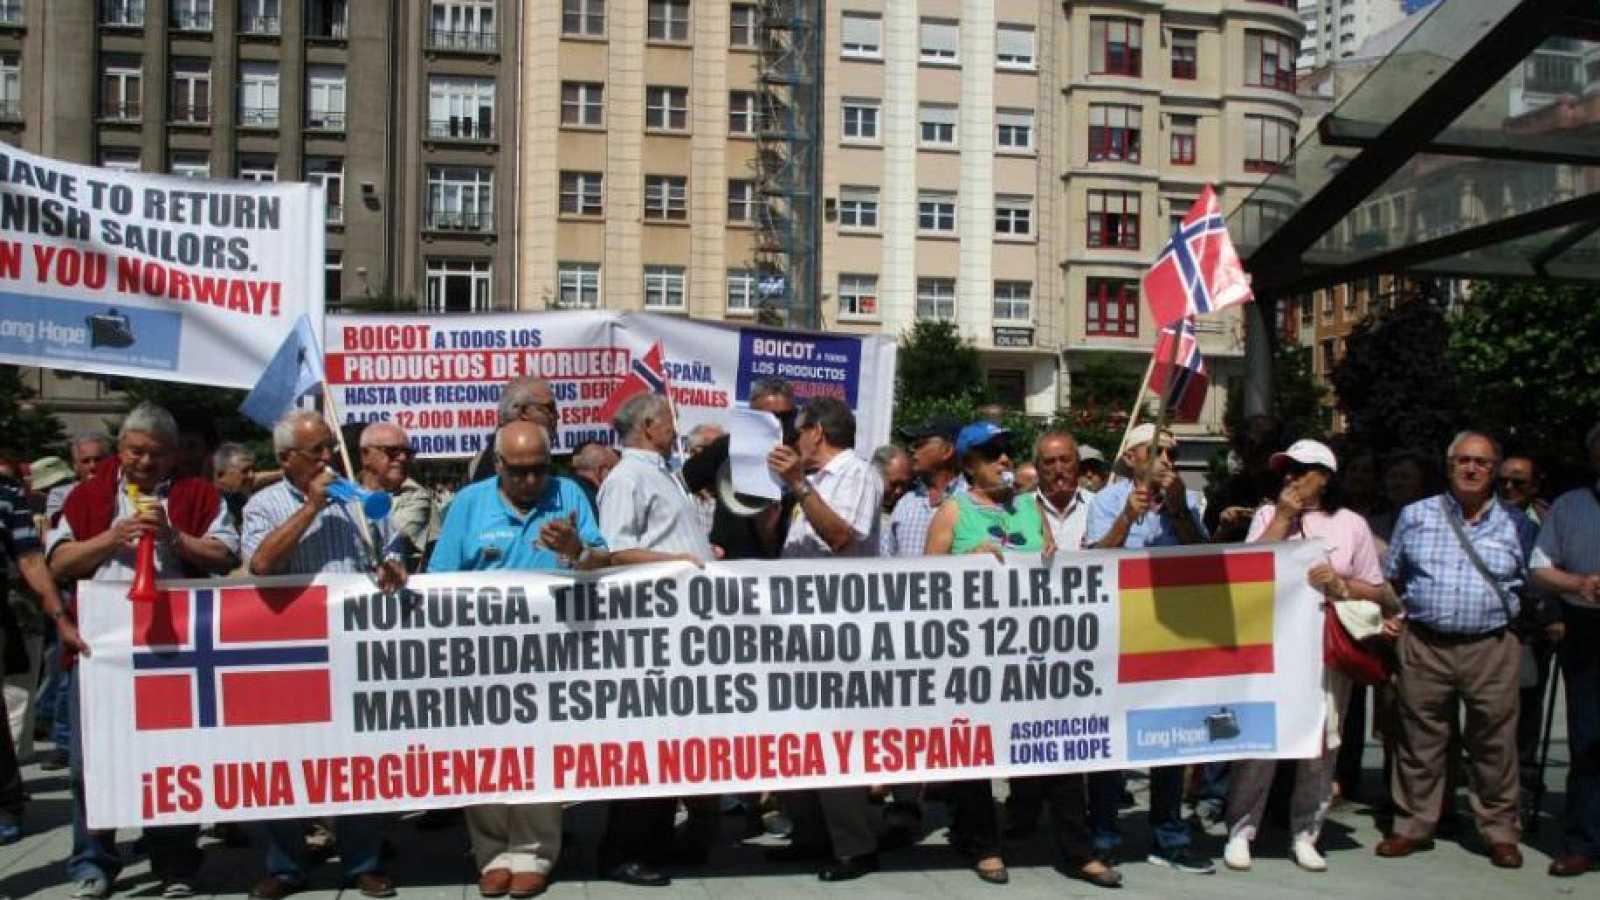 Españoles en la mar - Asociación de exmarinos gallegos - 21/02/20 - escucha ahora